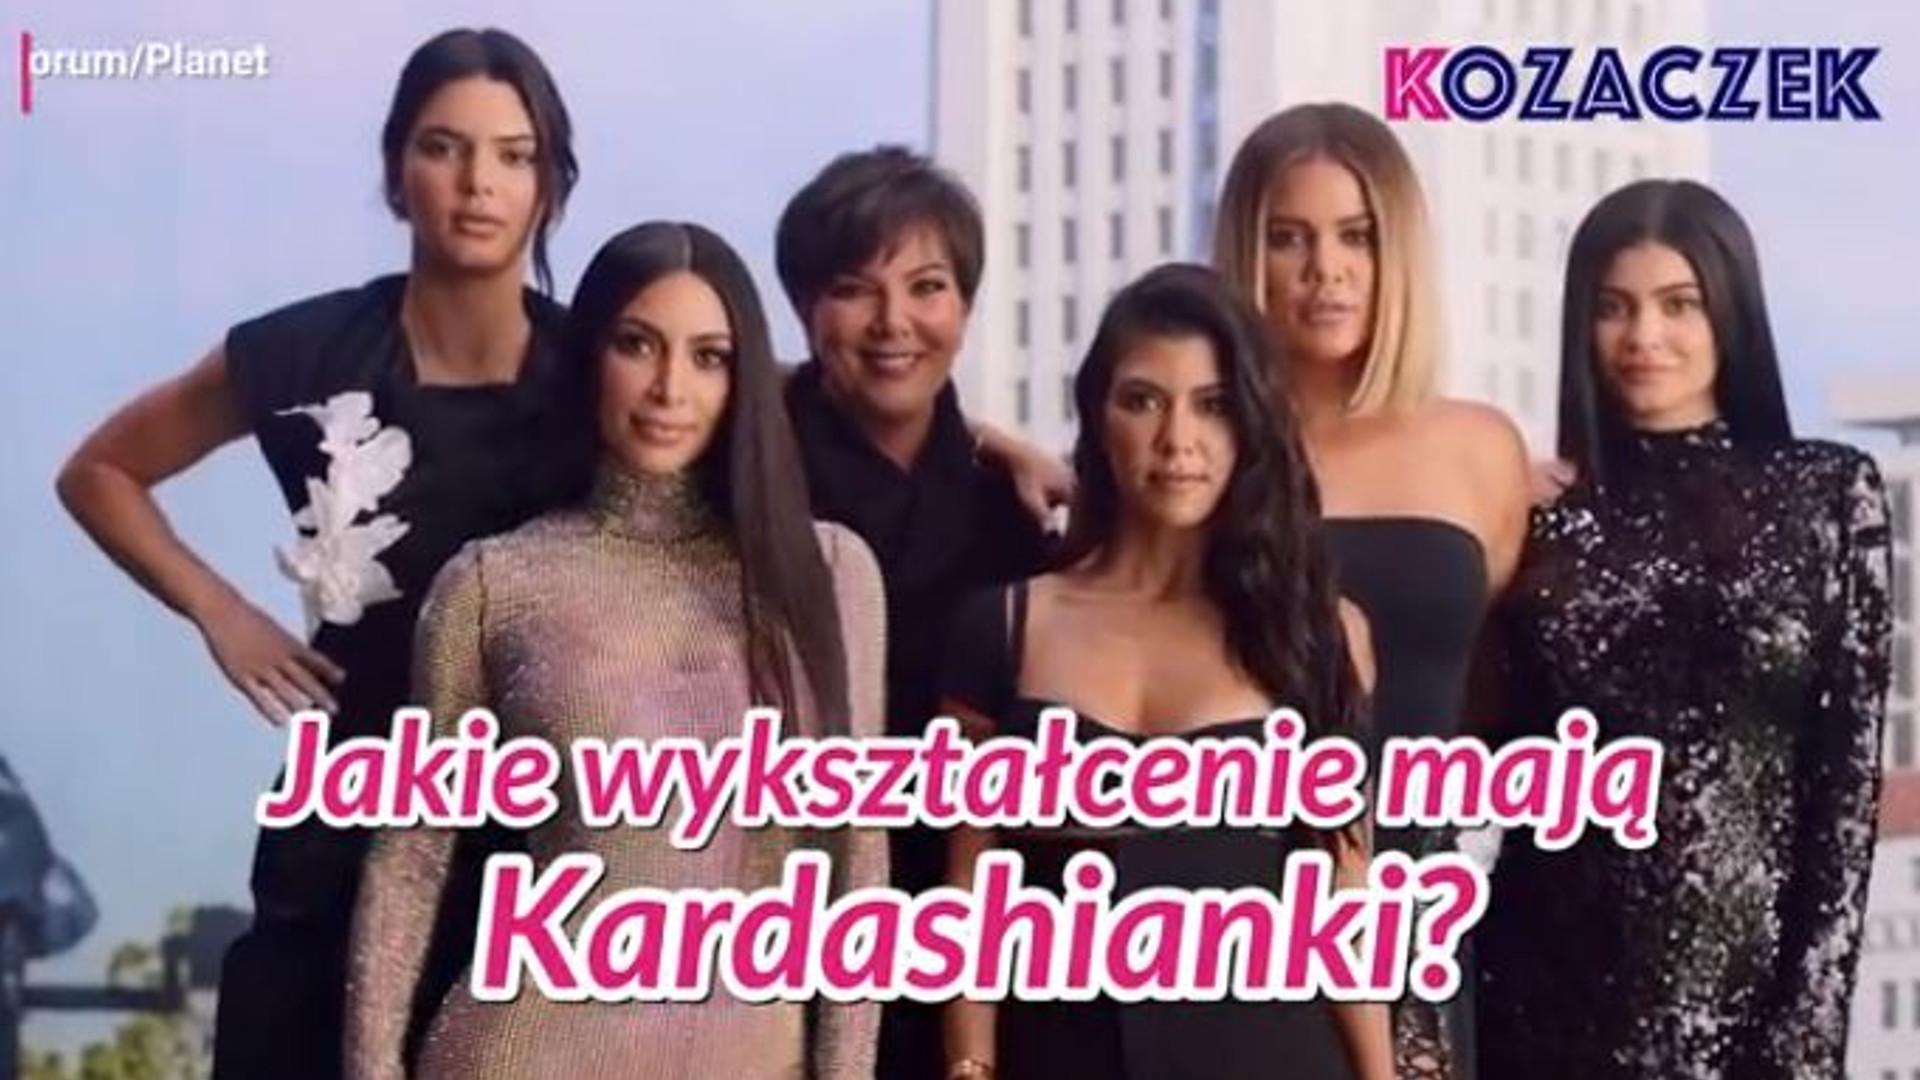 Jakie WYKSZTAŁCENIE mają Kardashianki? Nie uwierzycie, co studiowała Kourtney